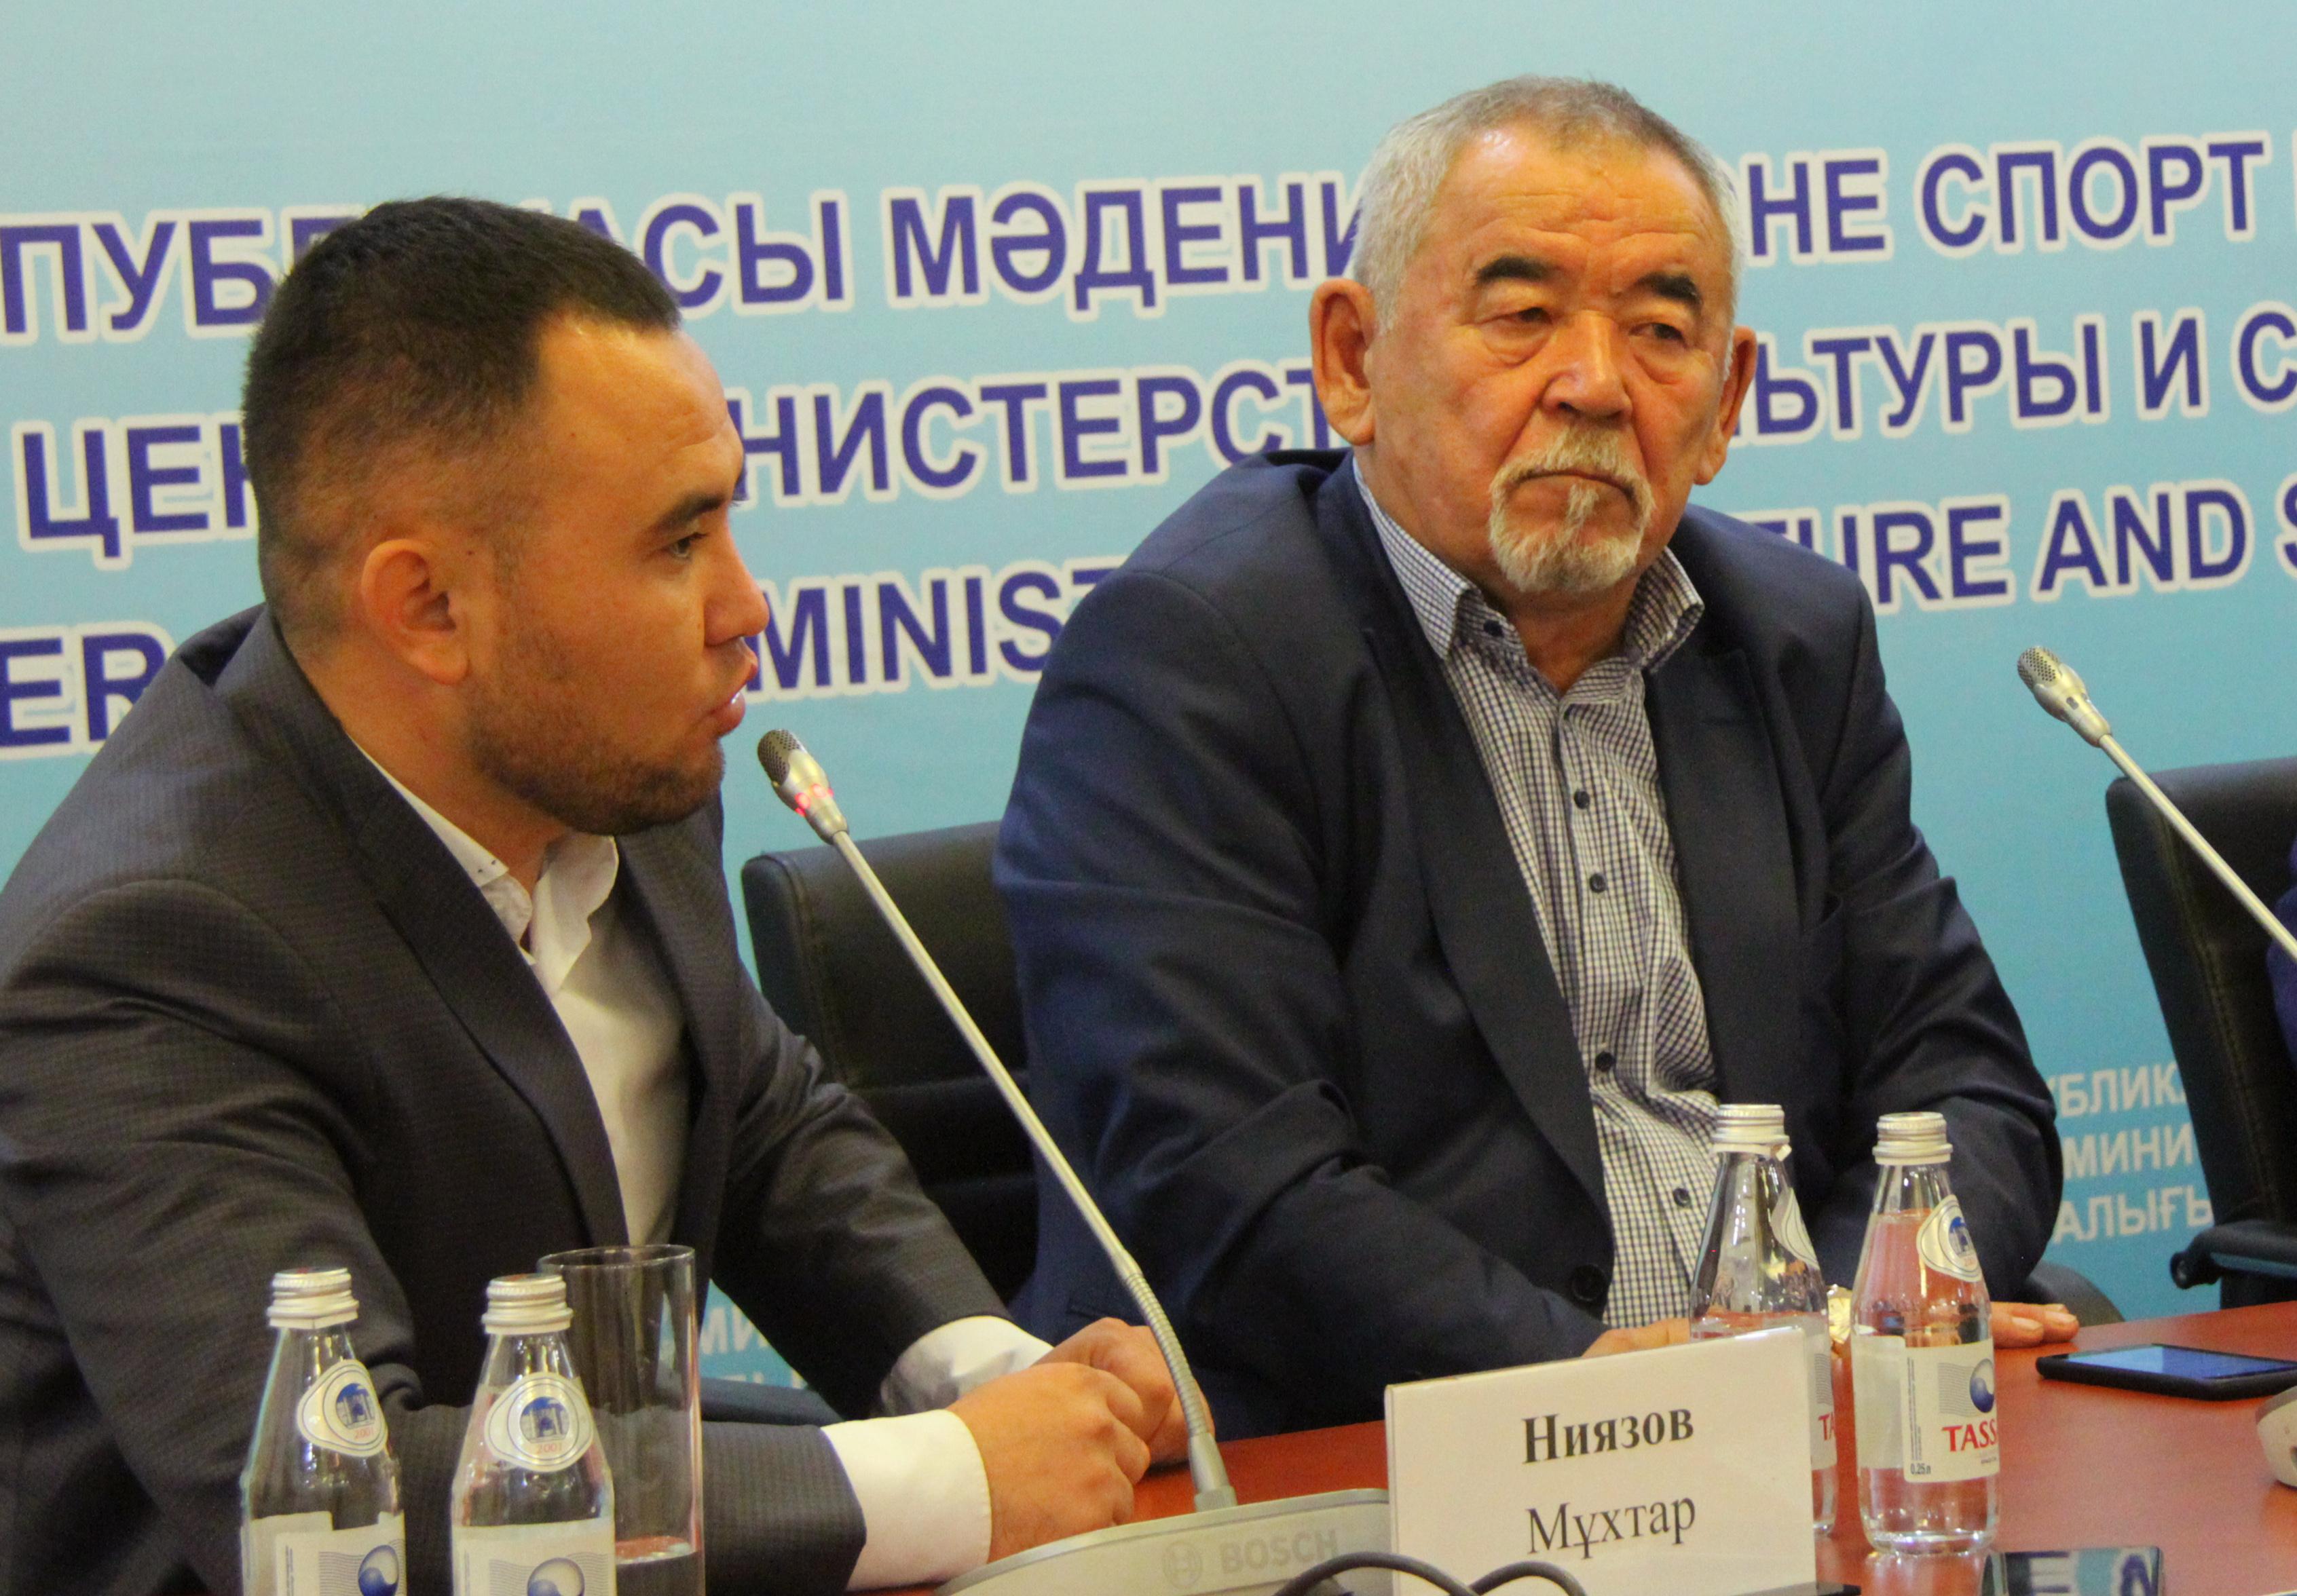 Астанада өтетін халықаралық айтыста бас жүлдеге 5 млн беріледі